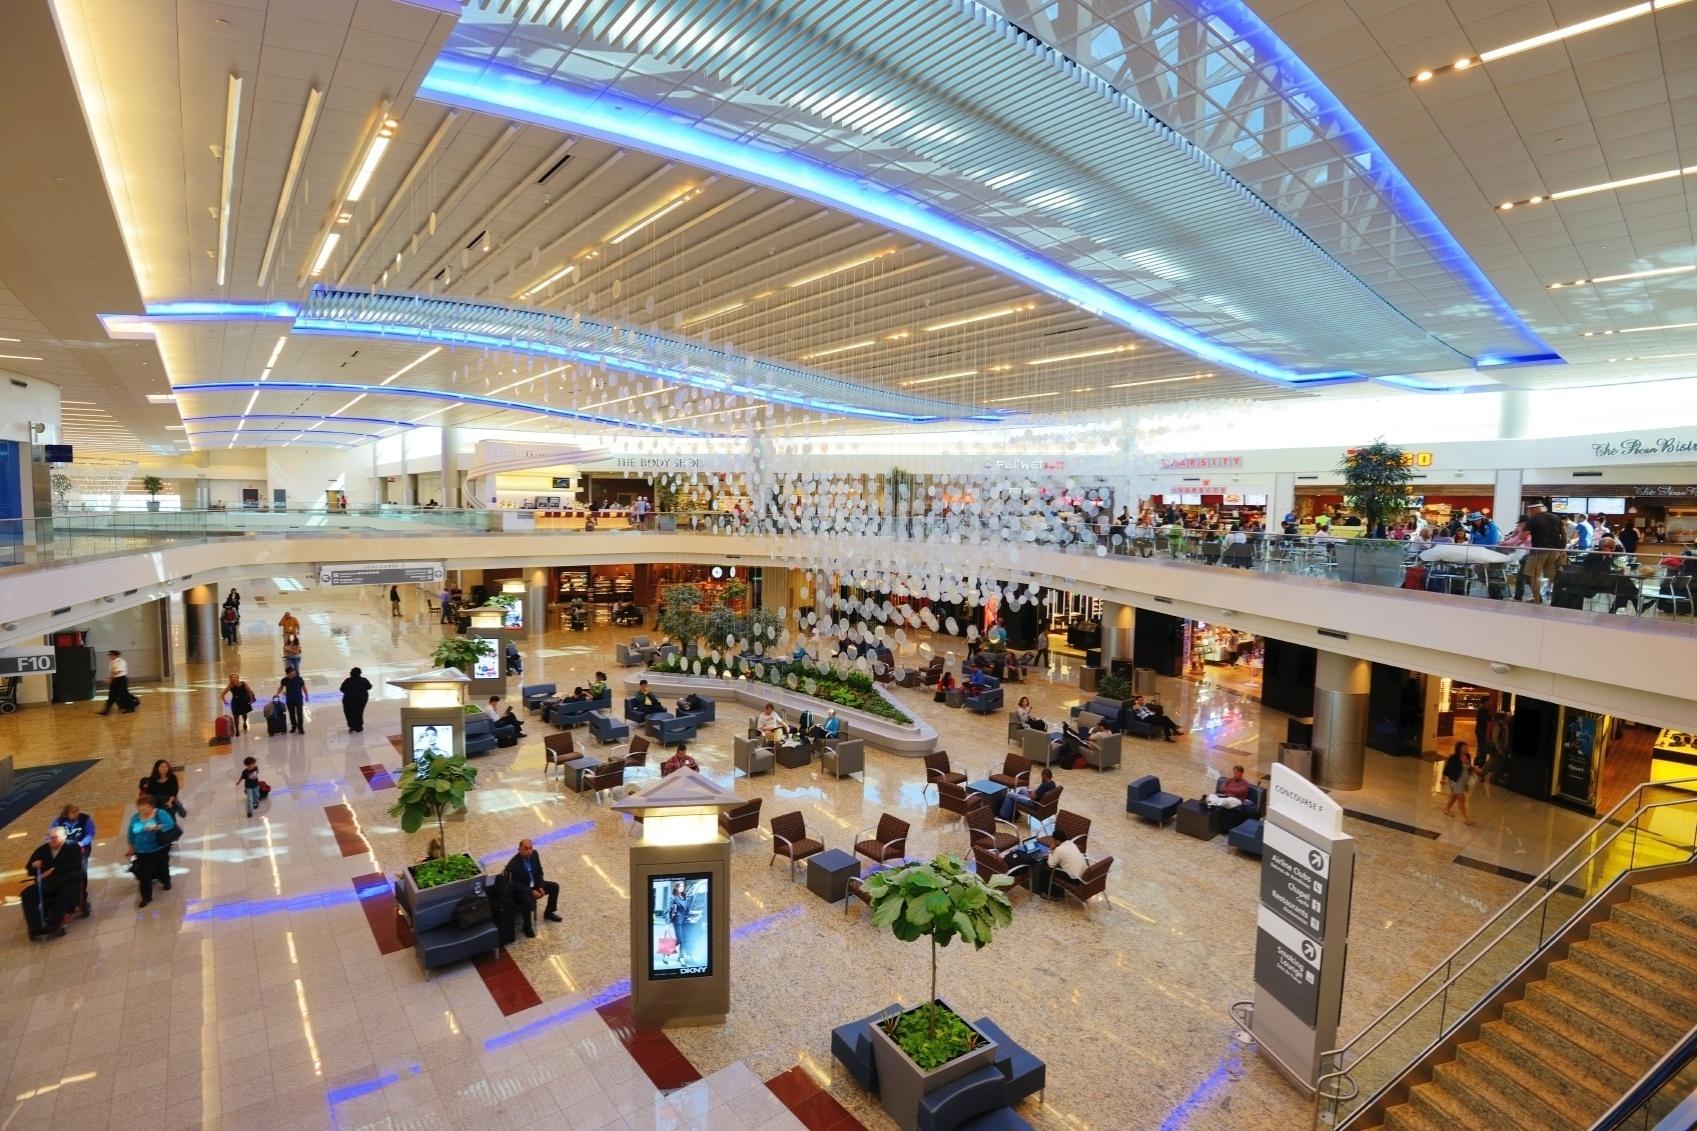 Aeroporto Sp : Aeroporto mais movimentado do mundo recebe 2 6 vezes mais gente